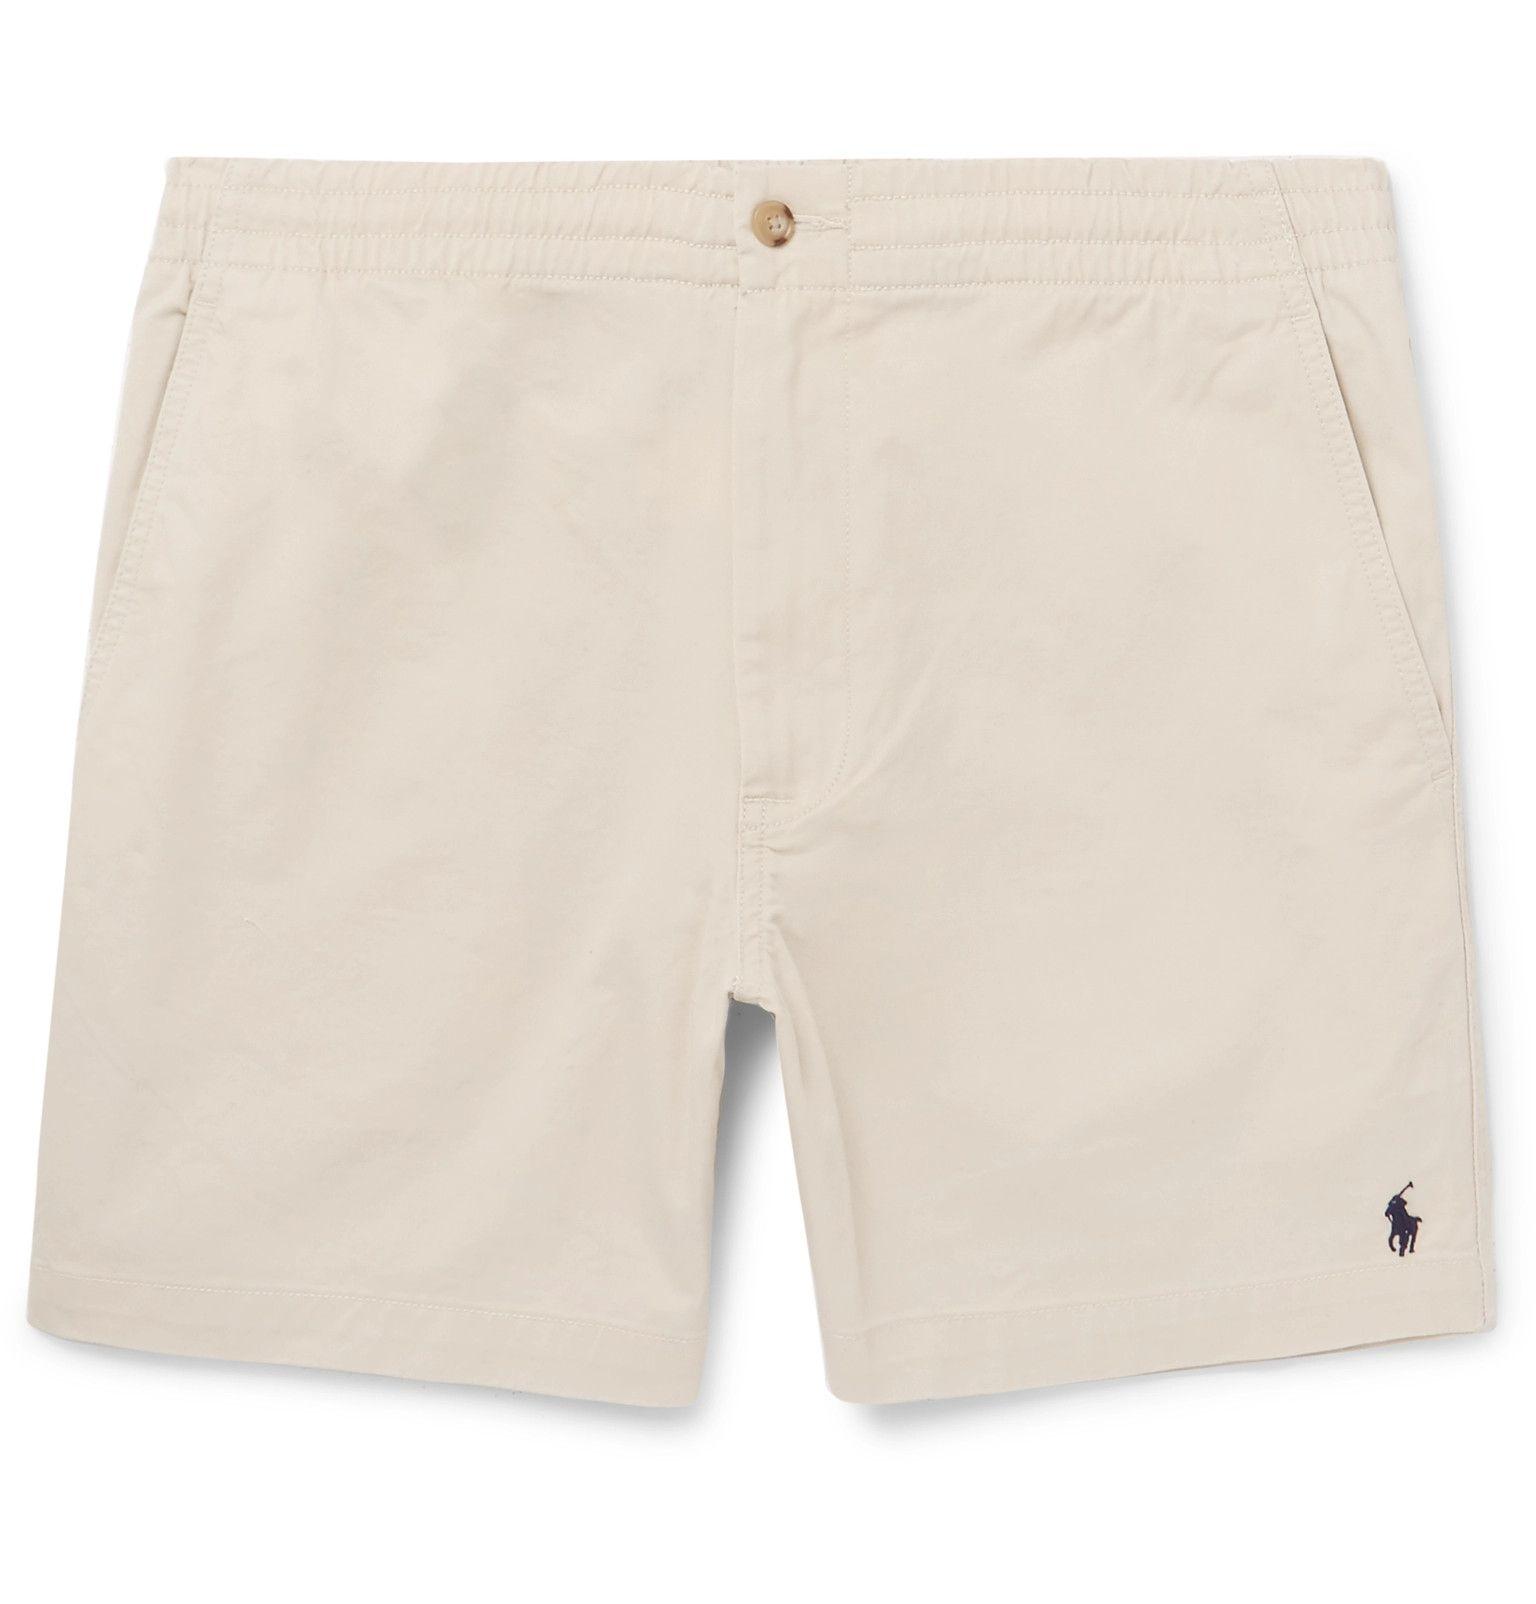 Ralph Lauren Prepster Stretch-cotton Twill Shorts - White EVbHBQKf